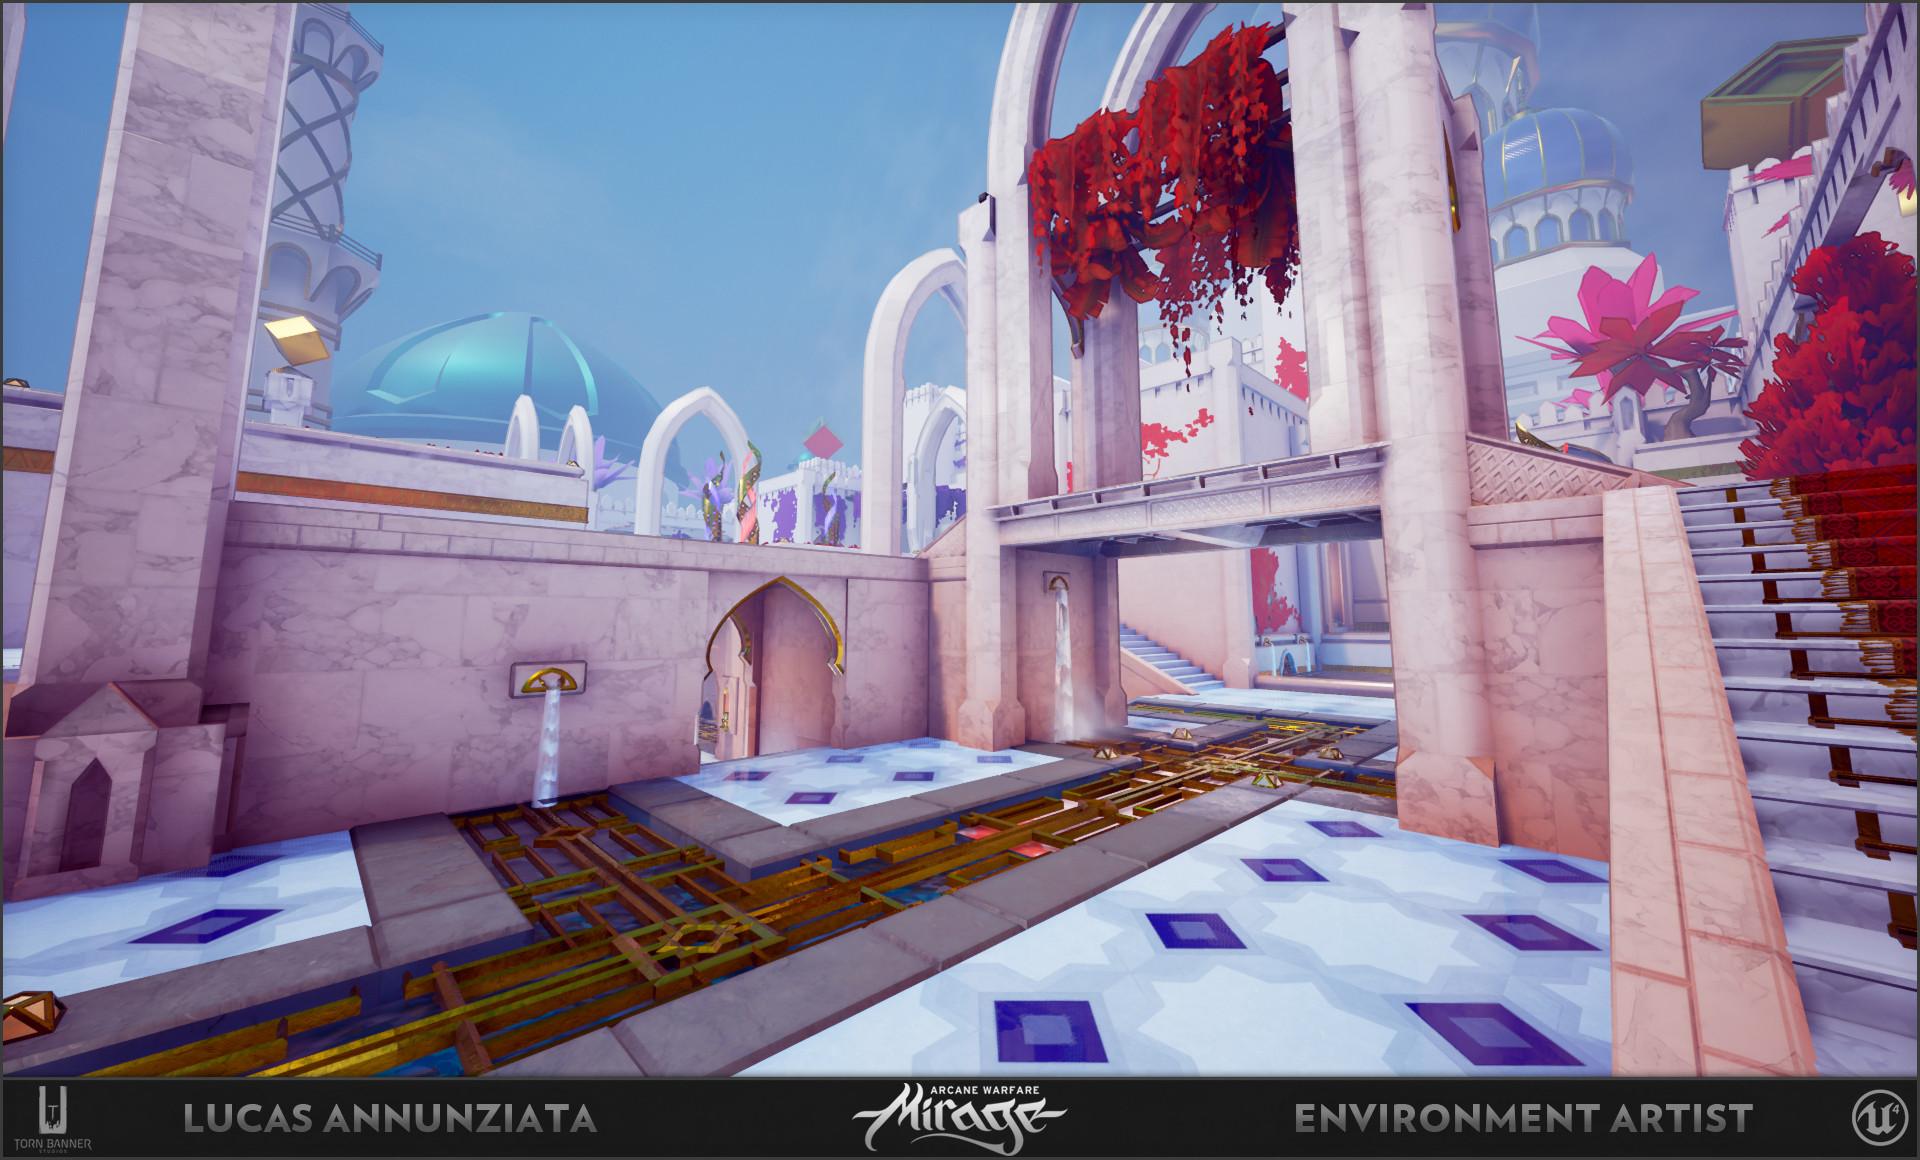 Lucas annunziata courtyard 4